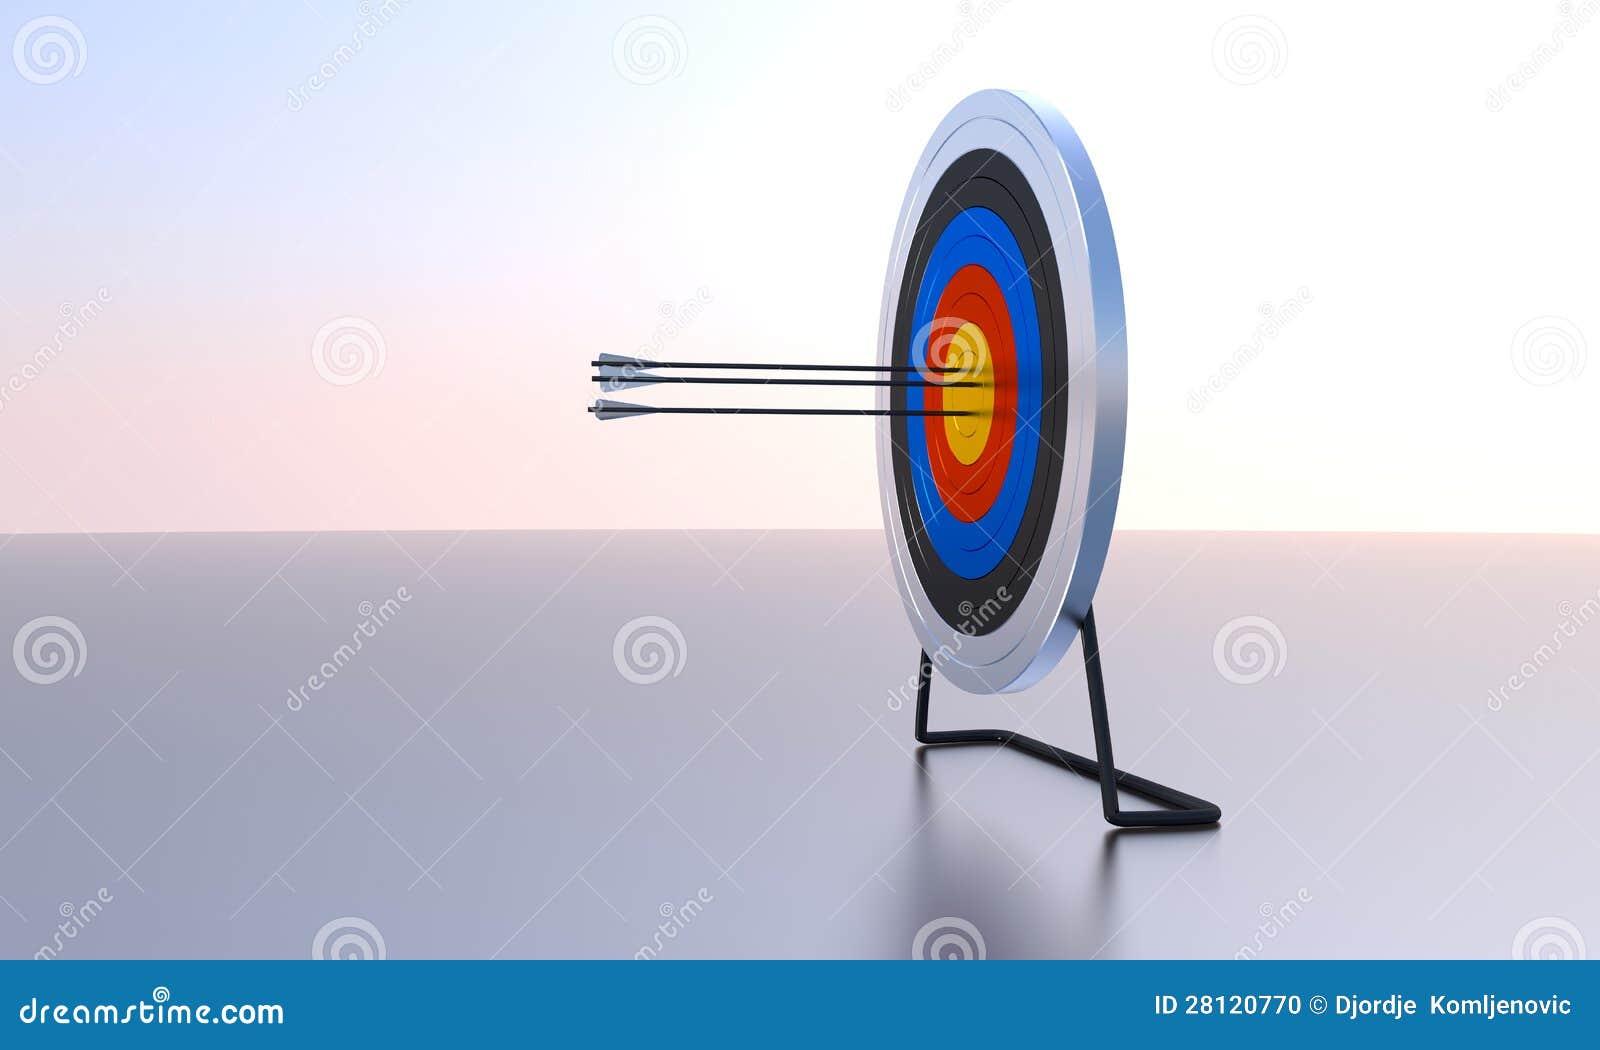 Изображение компьютера цели Archery произведенное